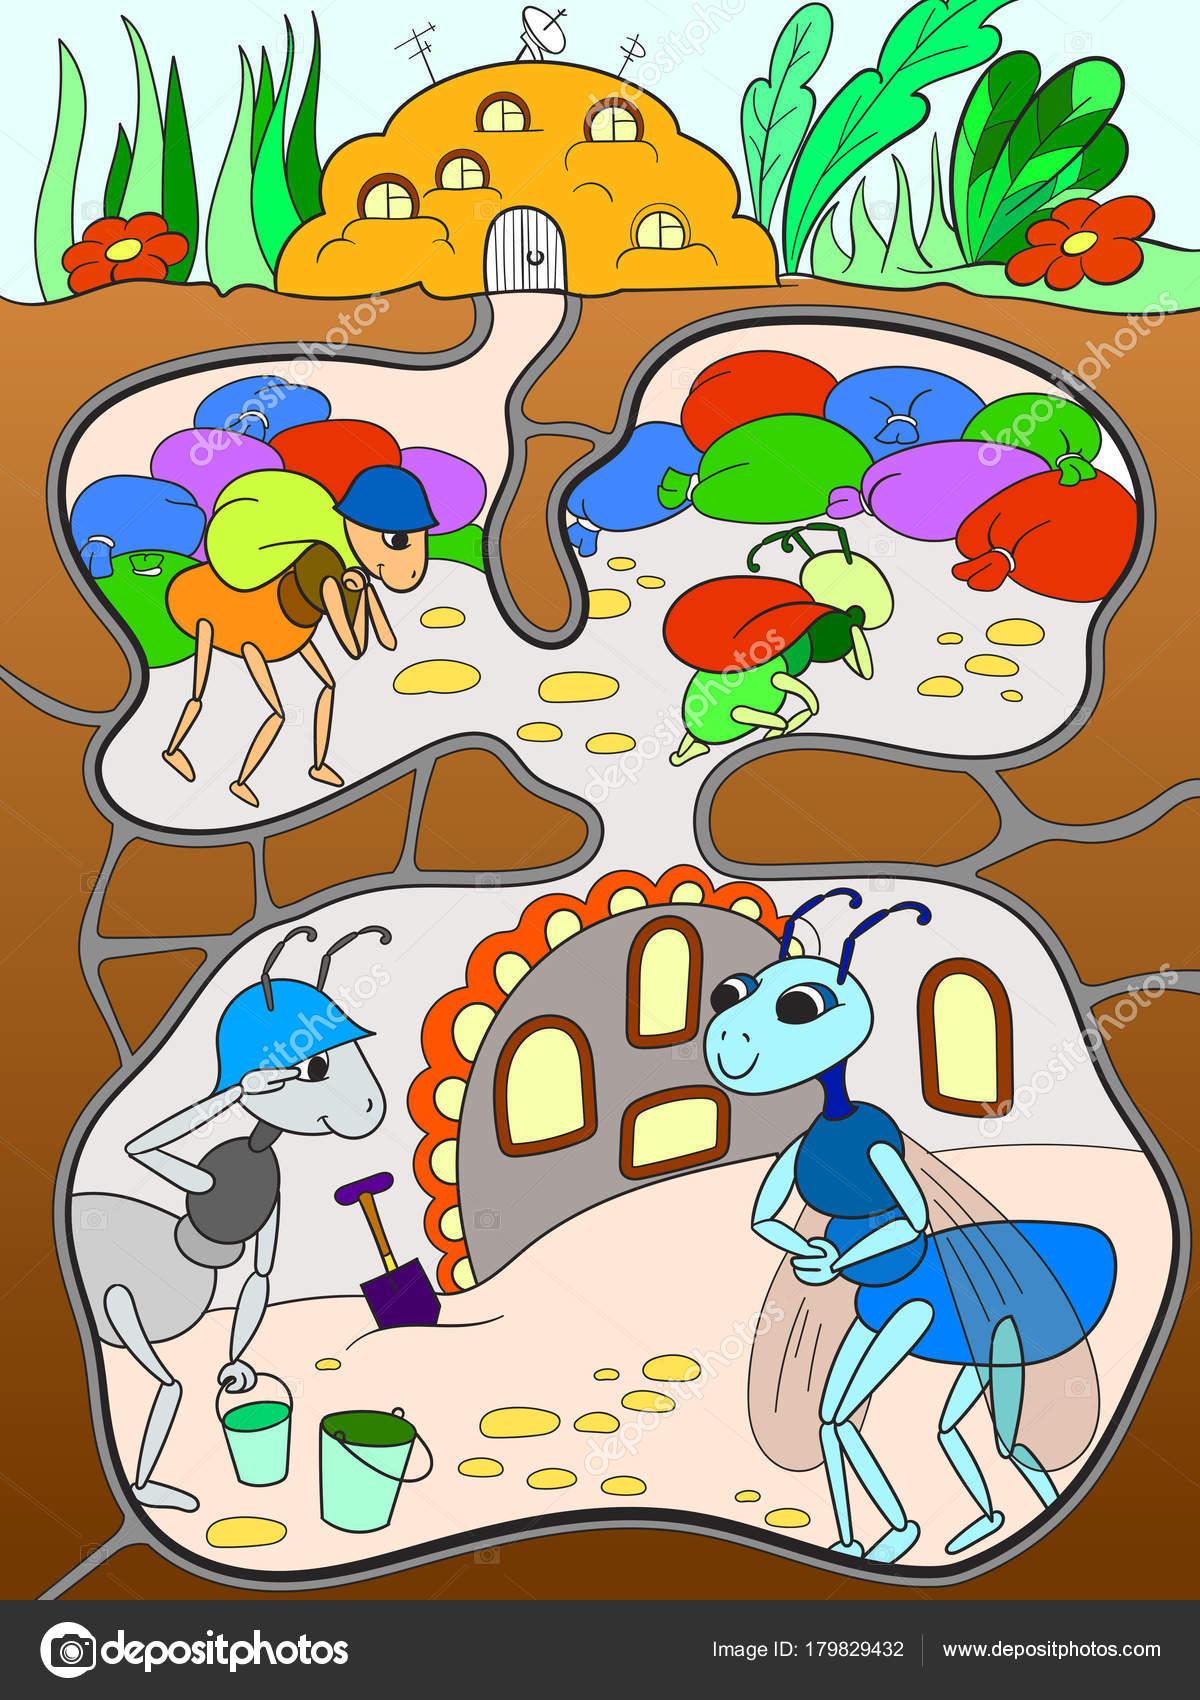 Iç Ve Karıncalar Bir Karınca Yuvası Renkli çocuklar Için Aile Hayatı